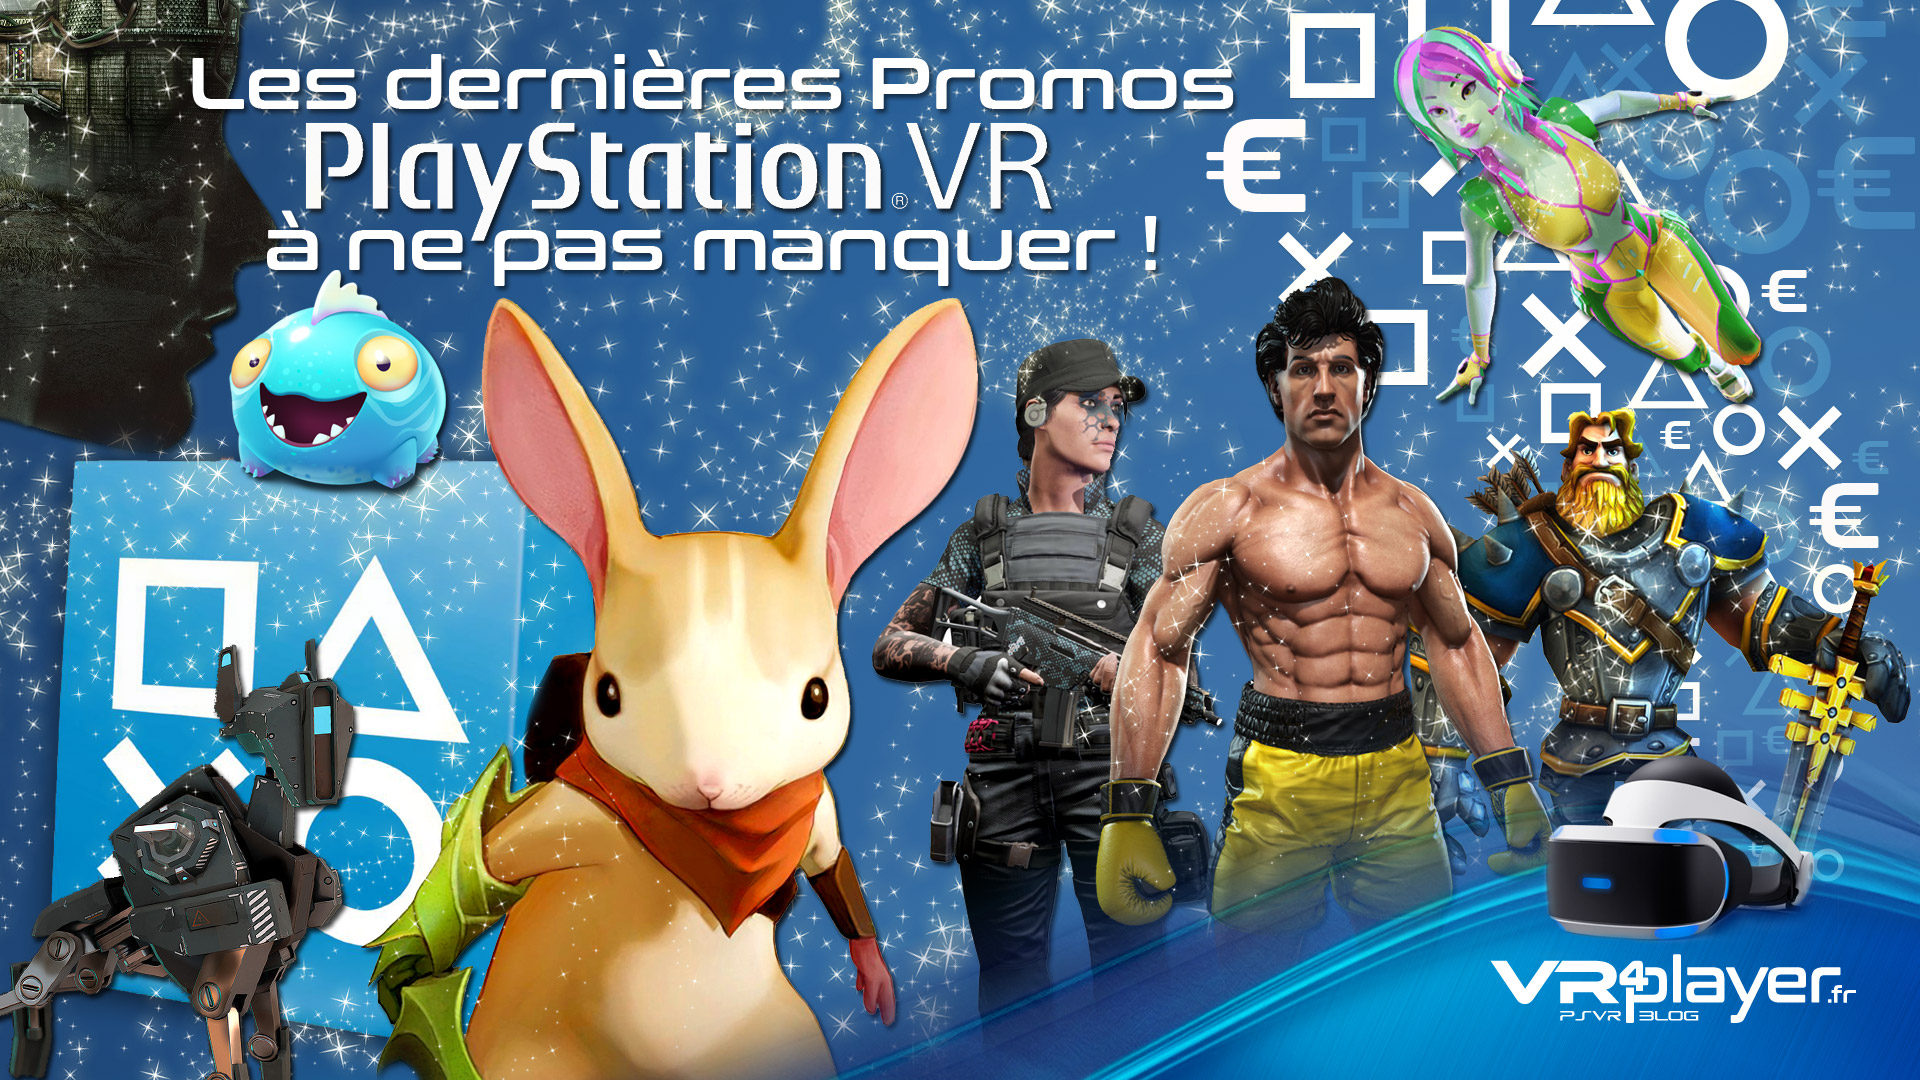 Les promos du Store PSVR sont lancées pour Noel - vr4player.fr